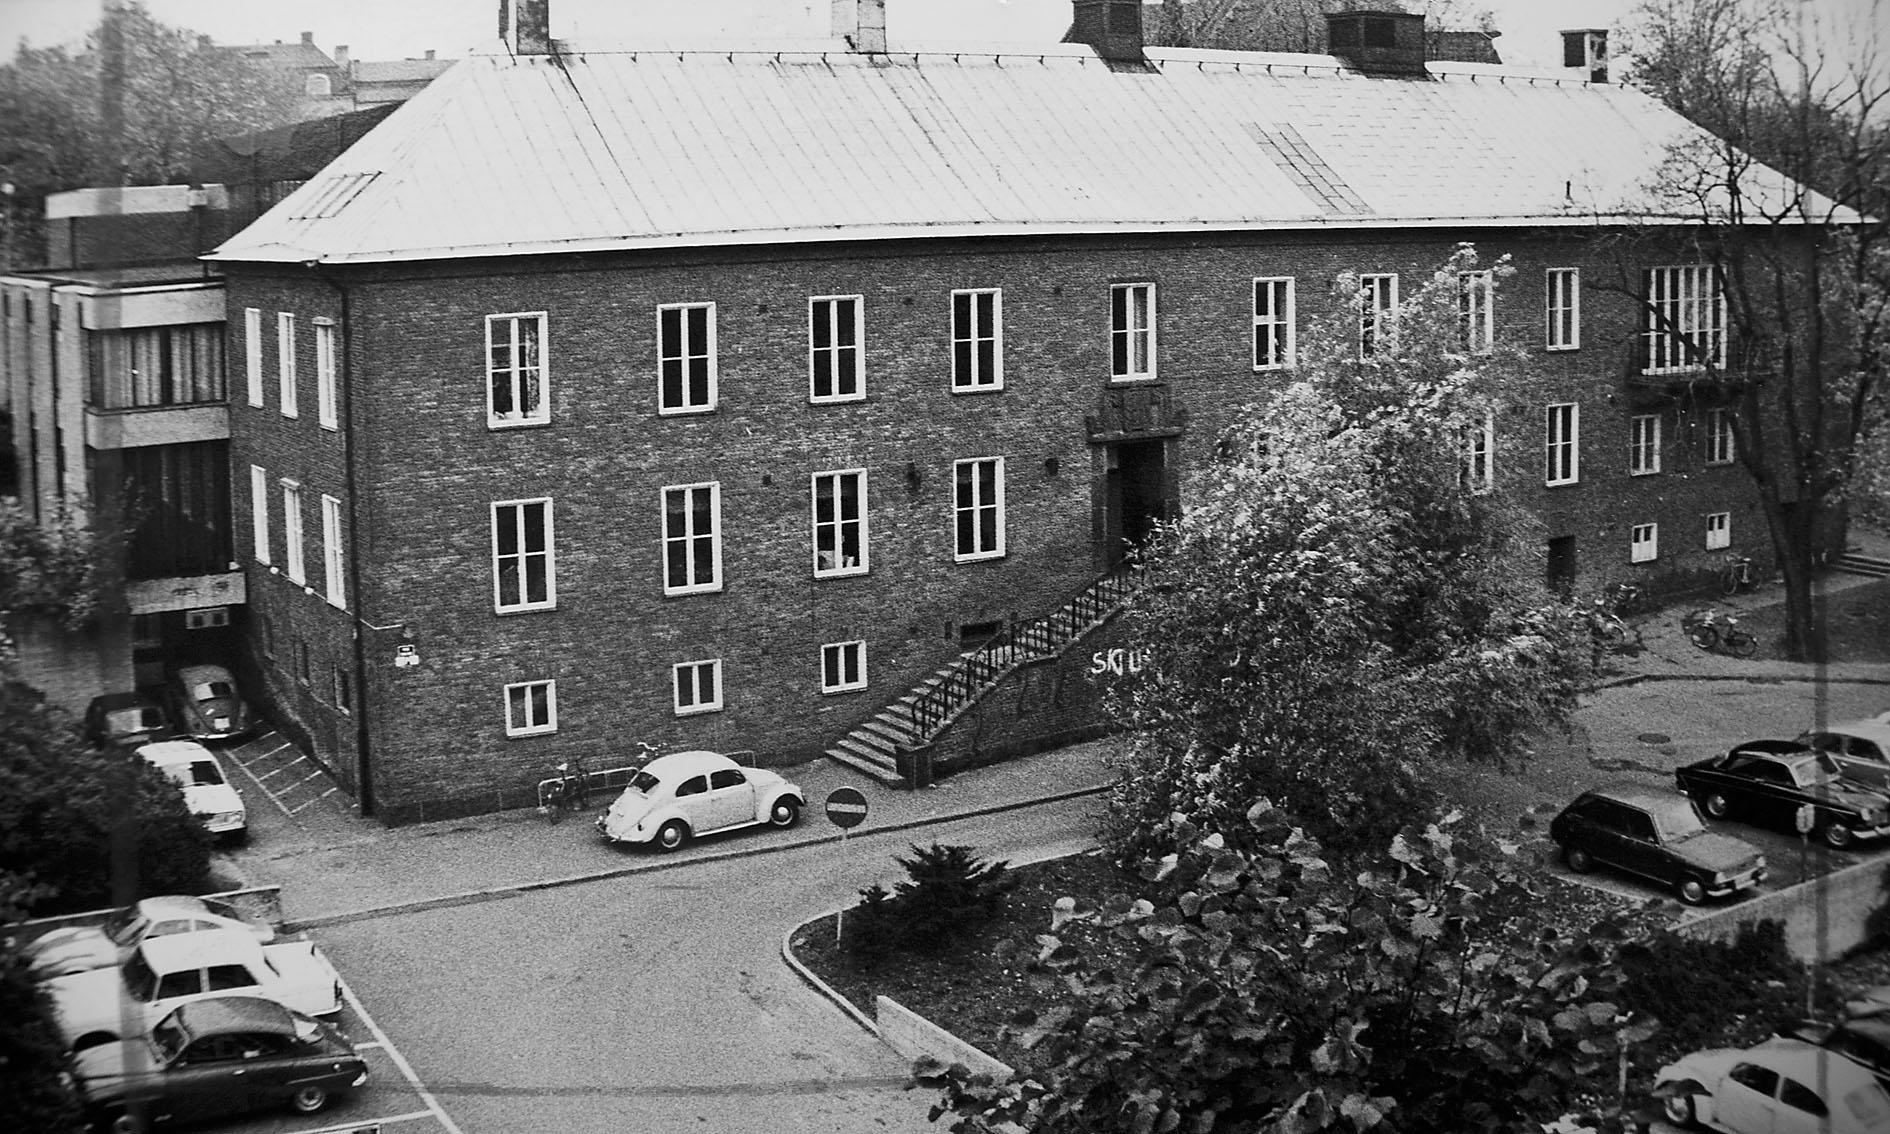 I Spionens arkiv finns många bilder från svunna tider – den här är tagen någon gång på 60-talet, efter att husets byggdes ut, men innan det att tidningens nuvarande redaktion gjordes i ordning och fick en balkong (ovanför den som syns på bilden.)